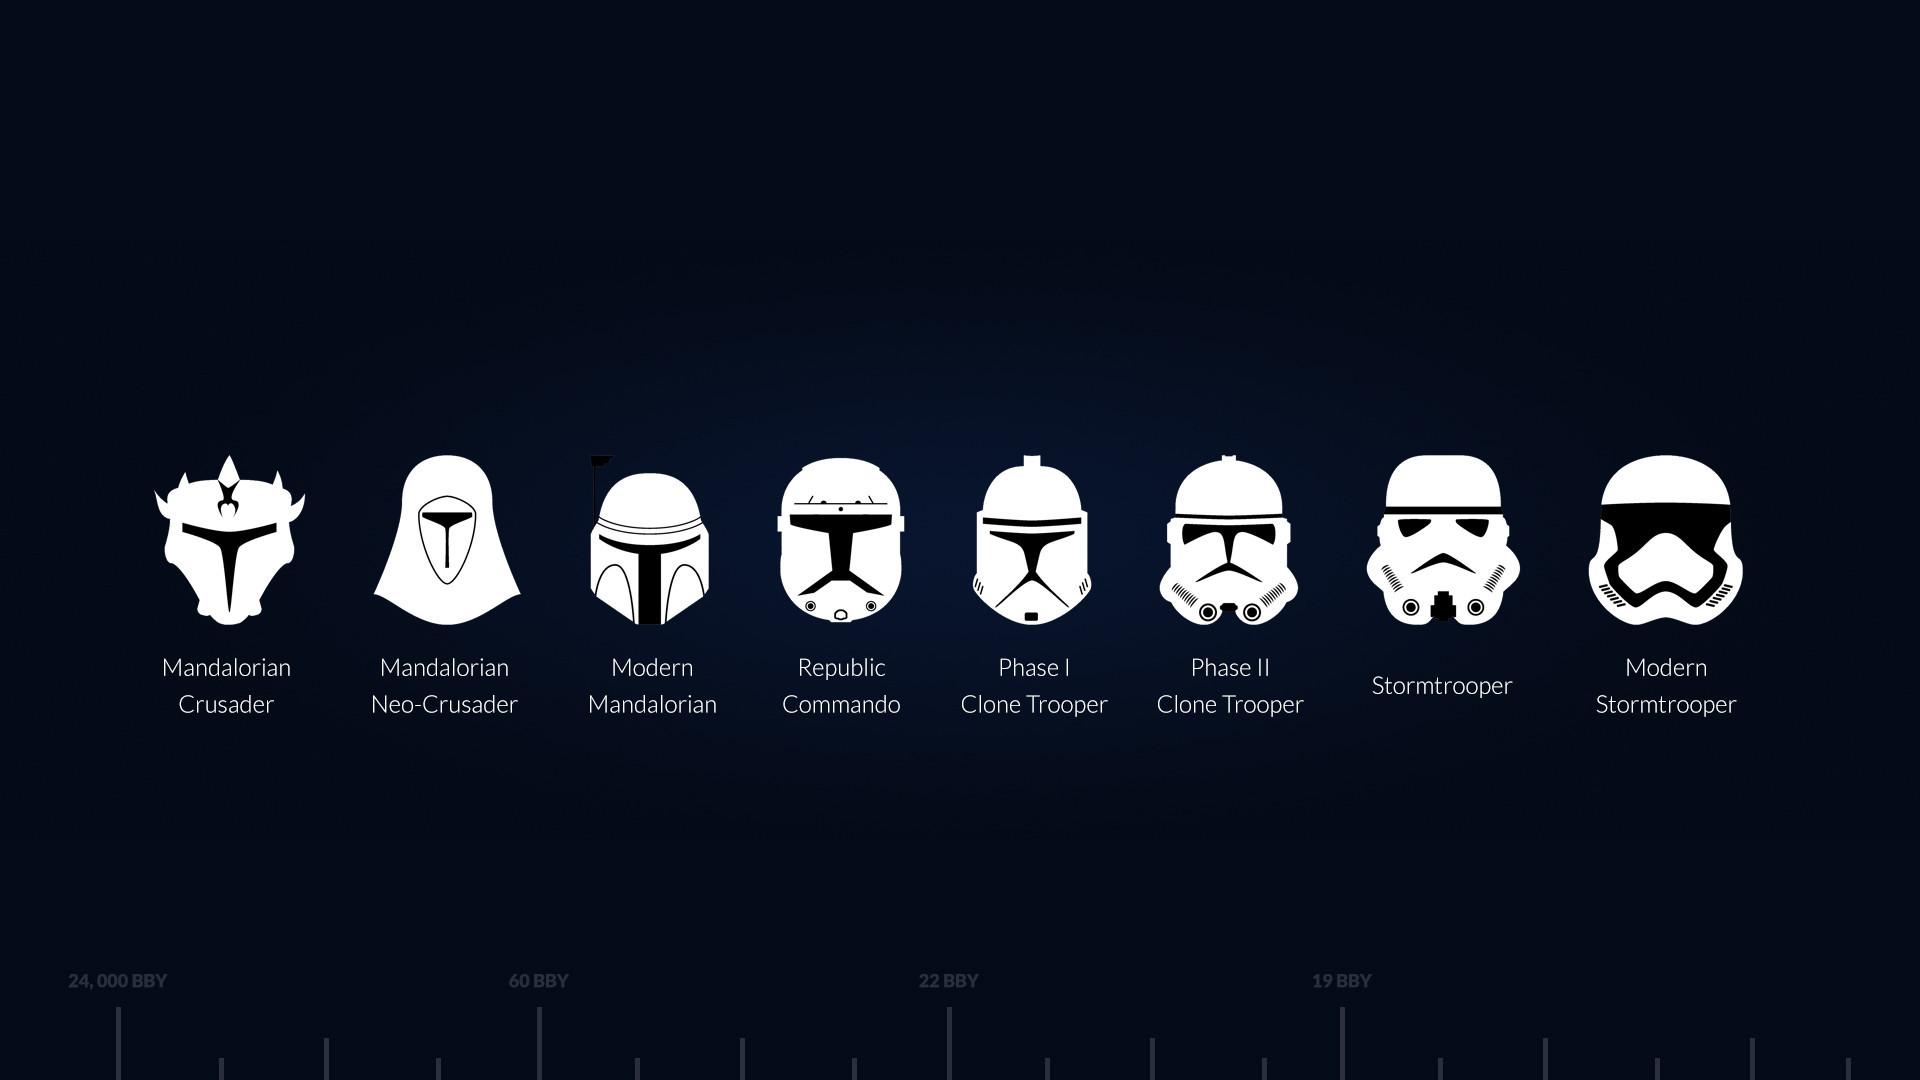 … first order stormtrooper iphone wallpaper wallpapersafari …